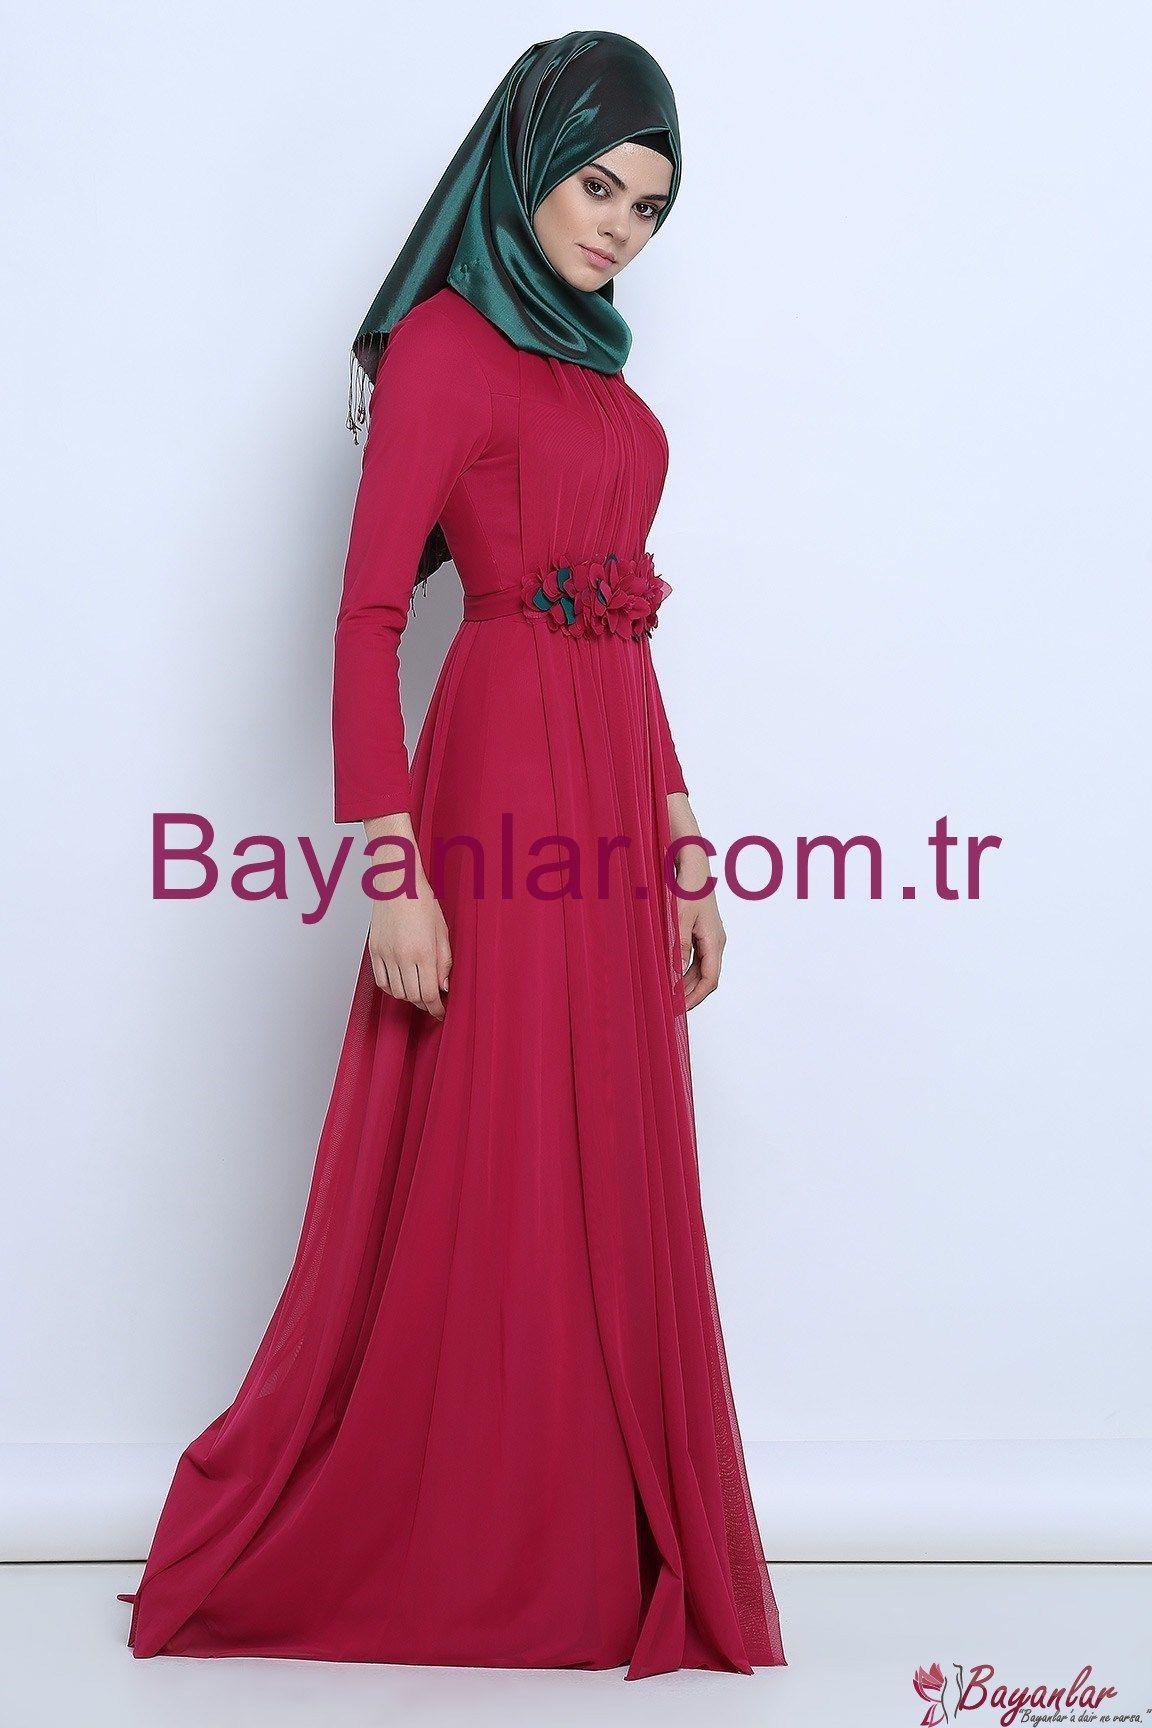 Orta Yas Abiye Elbise Modelleri 2018 Abiye Modelleri Daha Fazla Model Http Www Bayanlar Com Tr Orta Yas Abiye El Hijab Fashion Fashion Formal Dresses Long